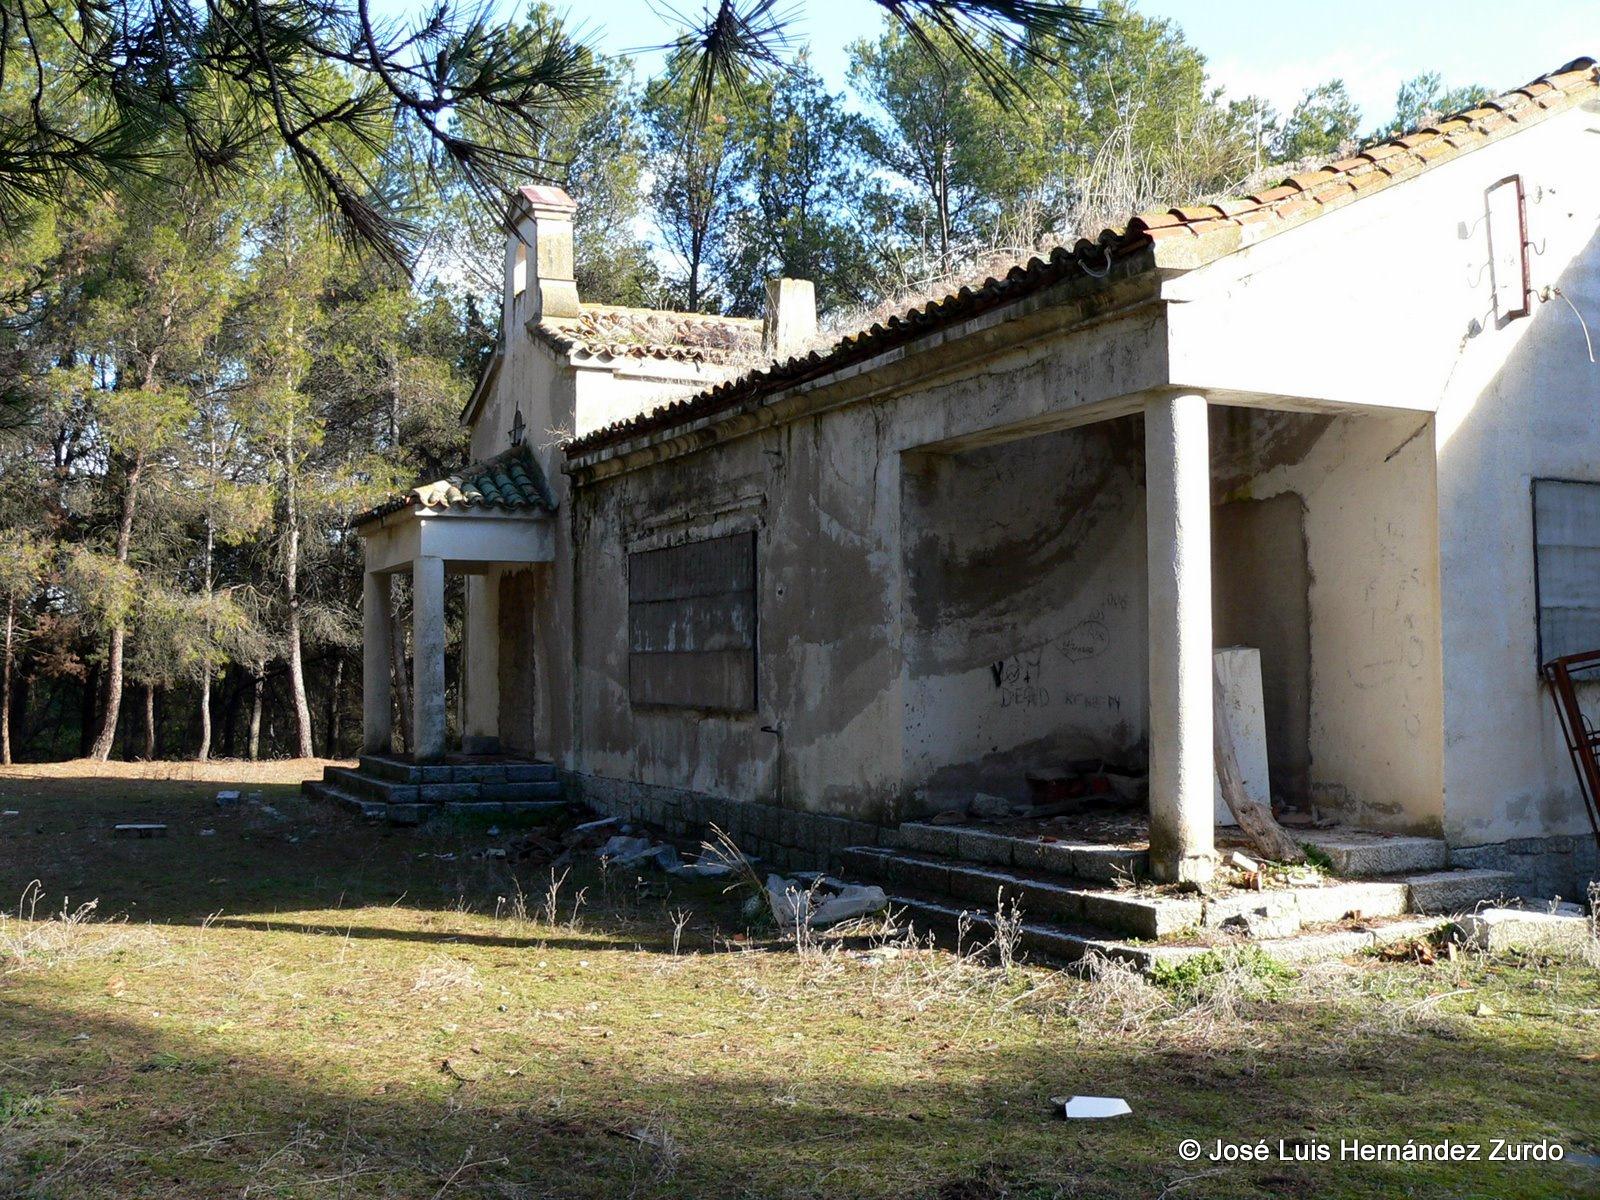 Espa a vista desde mi c mara casa eulogio en rivas vaciamadrid madrid parque regional 4 parte - Casas en rivas vaciamadrid ...